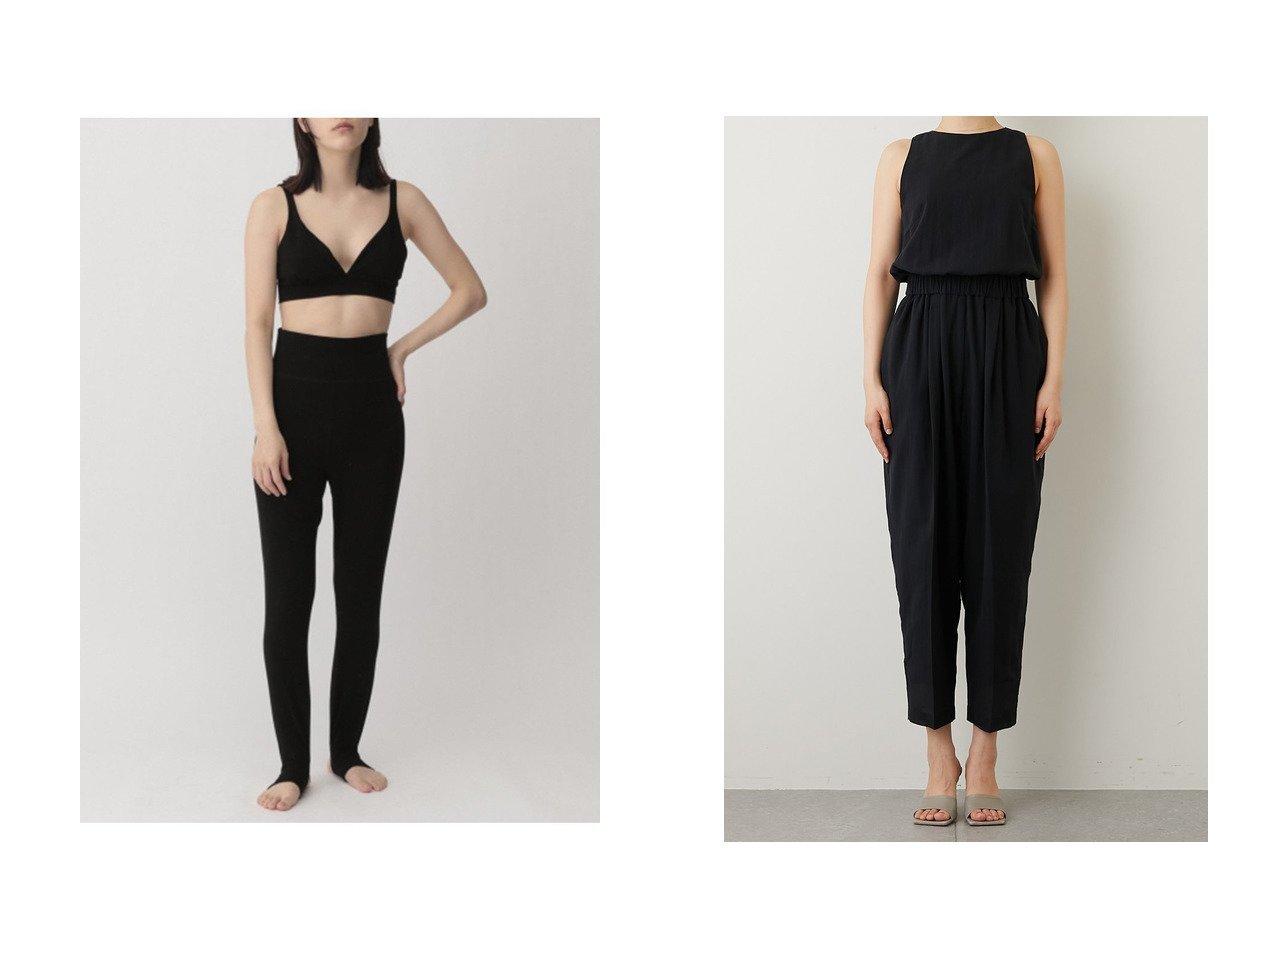 【Chaos/カオス】のカーボンラインパンツ&【Whim Gazette/ウィムガゼット】のコットンシフォンノースリコンビネゾン 【パンツ】おすすめ!人気、トレンド・レディースファッションの通販 おすすめで人気の流行・トレンド、ファッションの通販商品 インテリア・家具・メンズファッション・キッズファッション・レディースファッション・服の通販 founy(ファニー) https://founy.com/ ファッション Fashion レディースファッション WOMEN パンツ Pants スポーツウェア Sportswear スポーツ パンツ Pants おすすめ Recommend ストレッチ スポーツ タイツ リラックス ギャザー コンビネゾン シフォン ノースリーブ フラット ボトム |ID:crp329100000043081